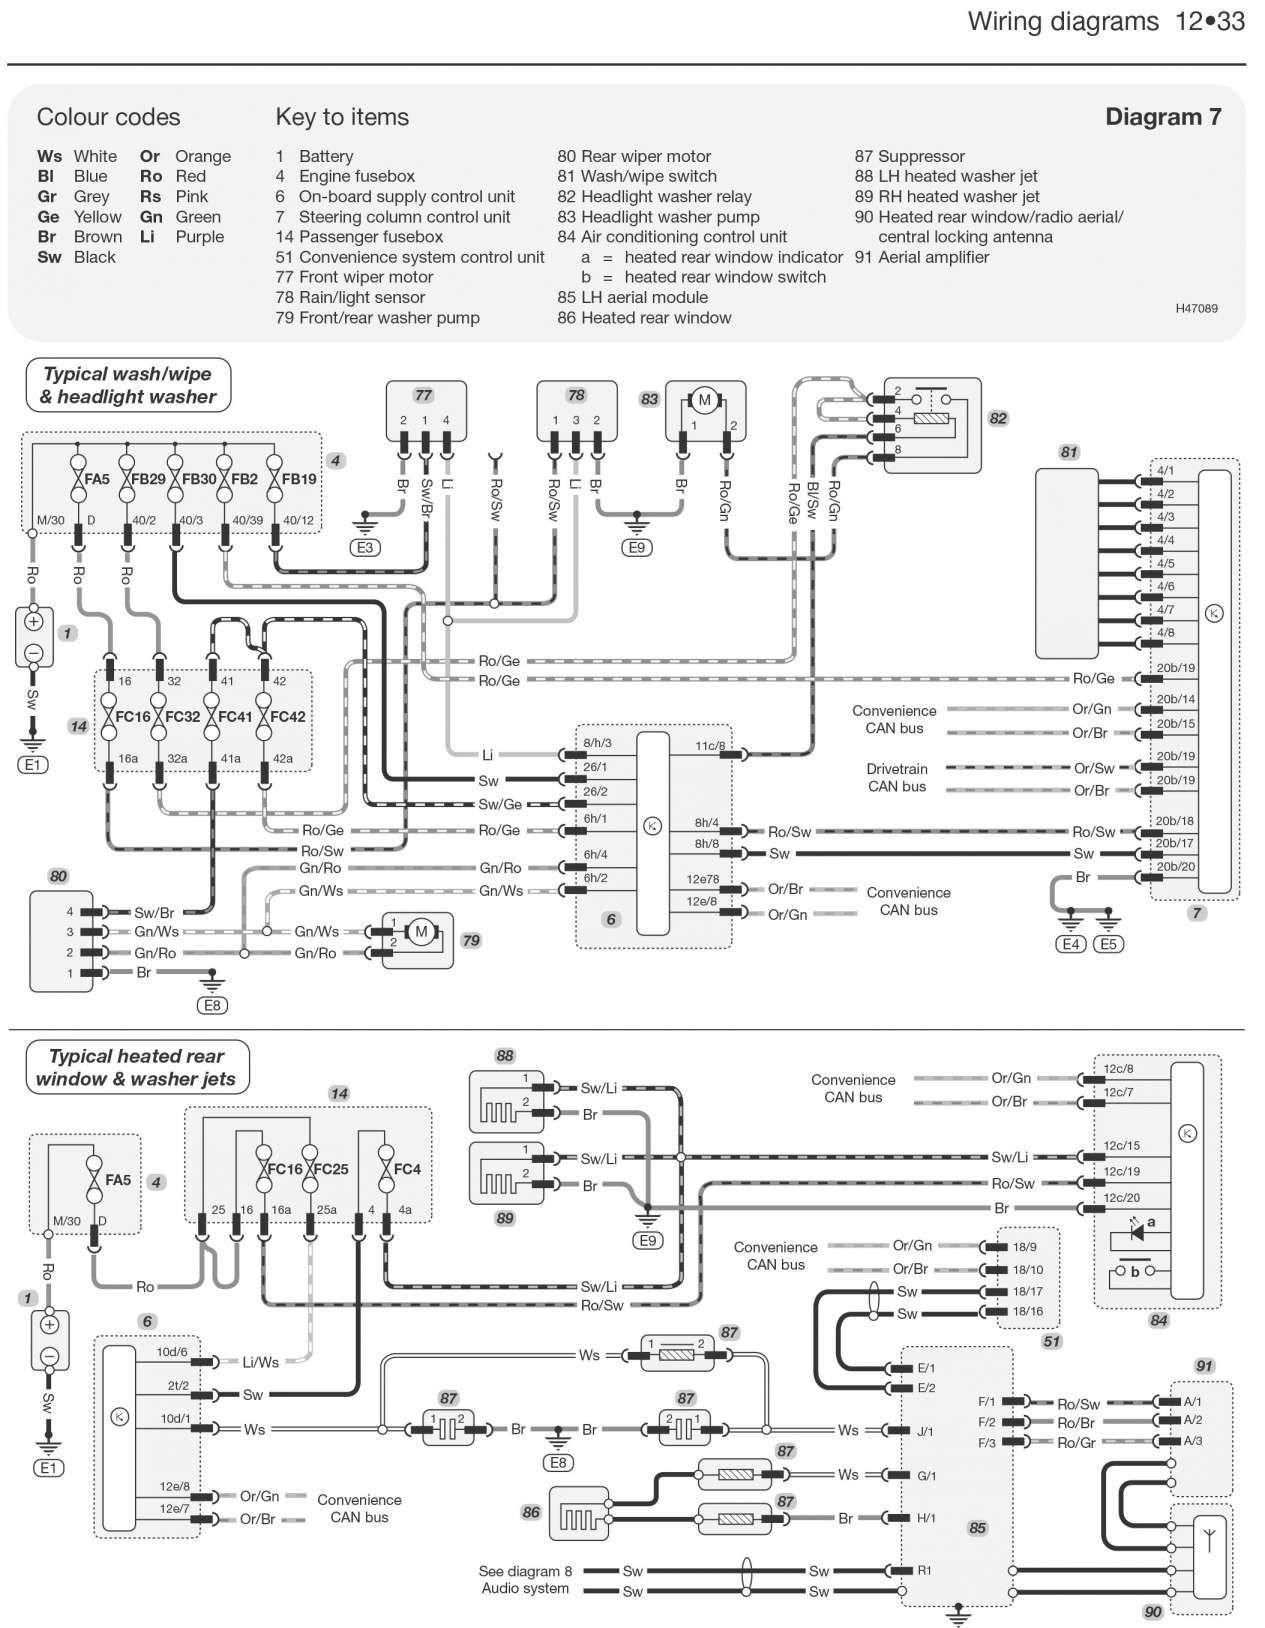 Engine Wiring Diagram Audi A2 Petrol Engine Audi Engine Wiring Diagram Wiring Diagram Central Of Engine Wiring Diagram Audi A2 Petrol Engine